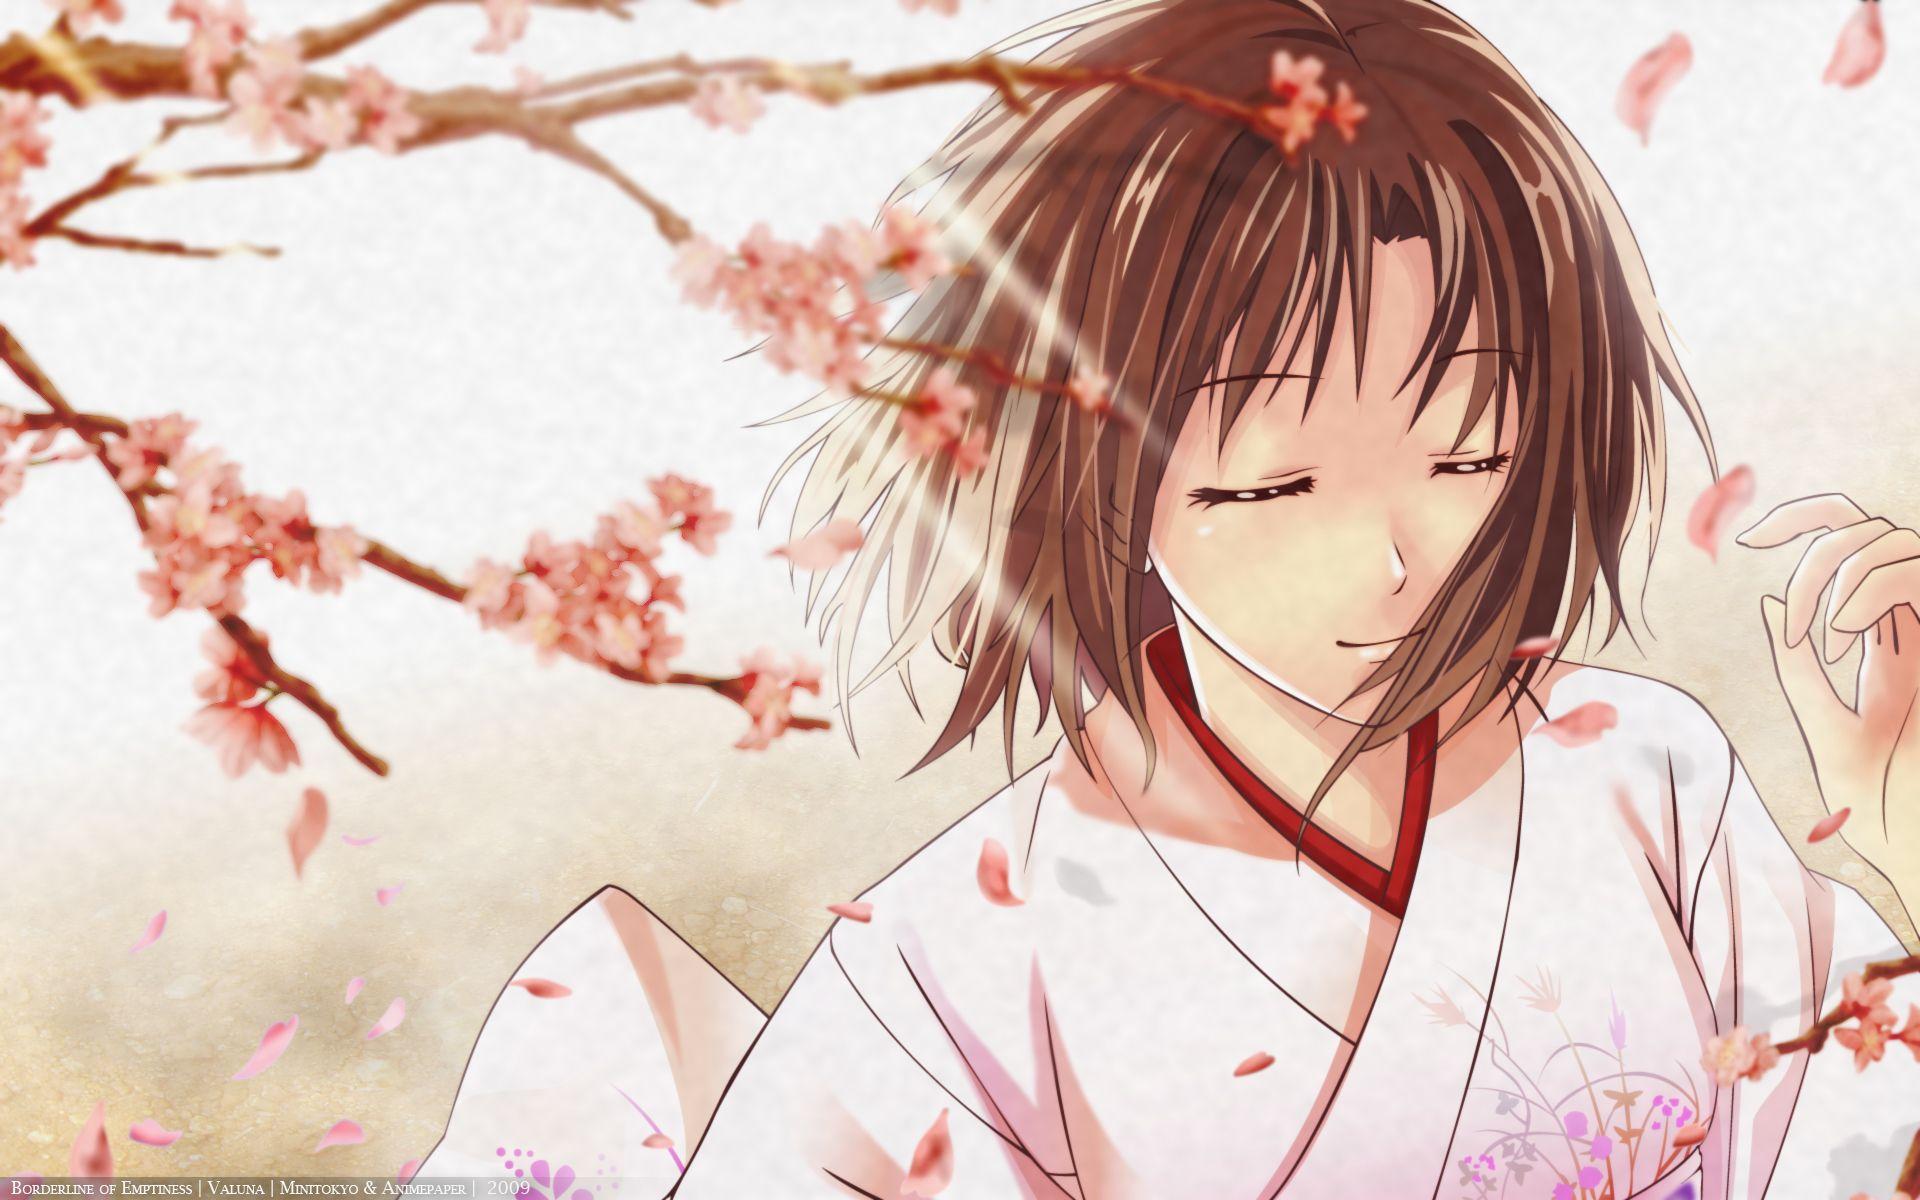 Minitokyo_Kara_no_Kyokai_Wallpapers_431969.jpg